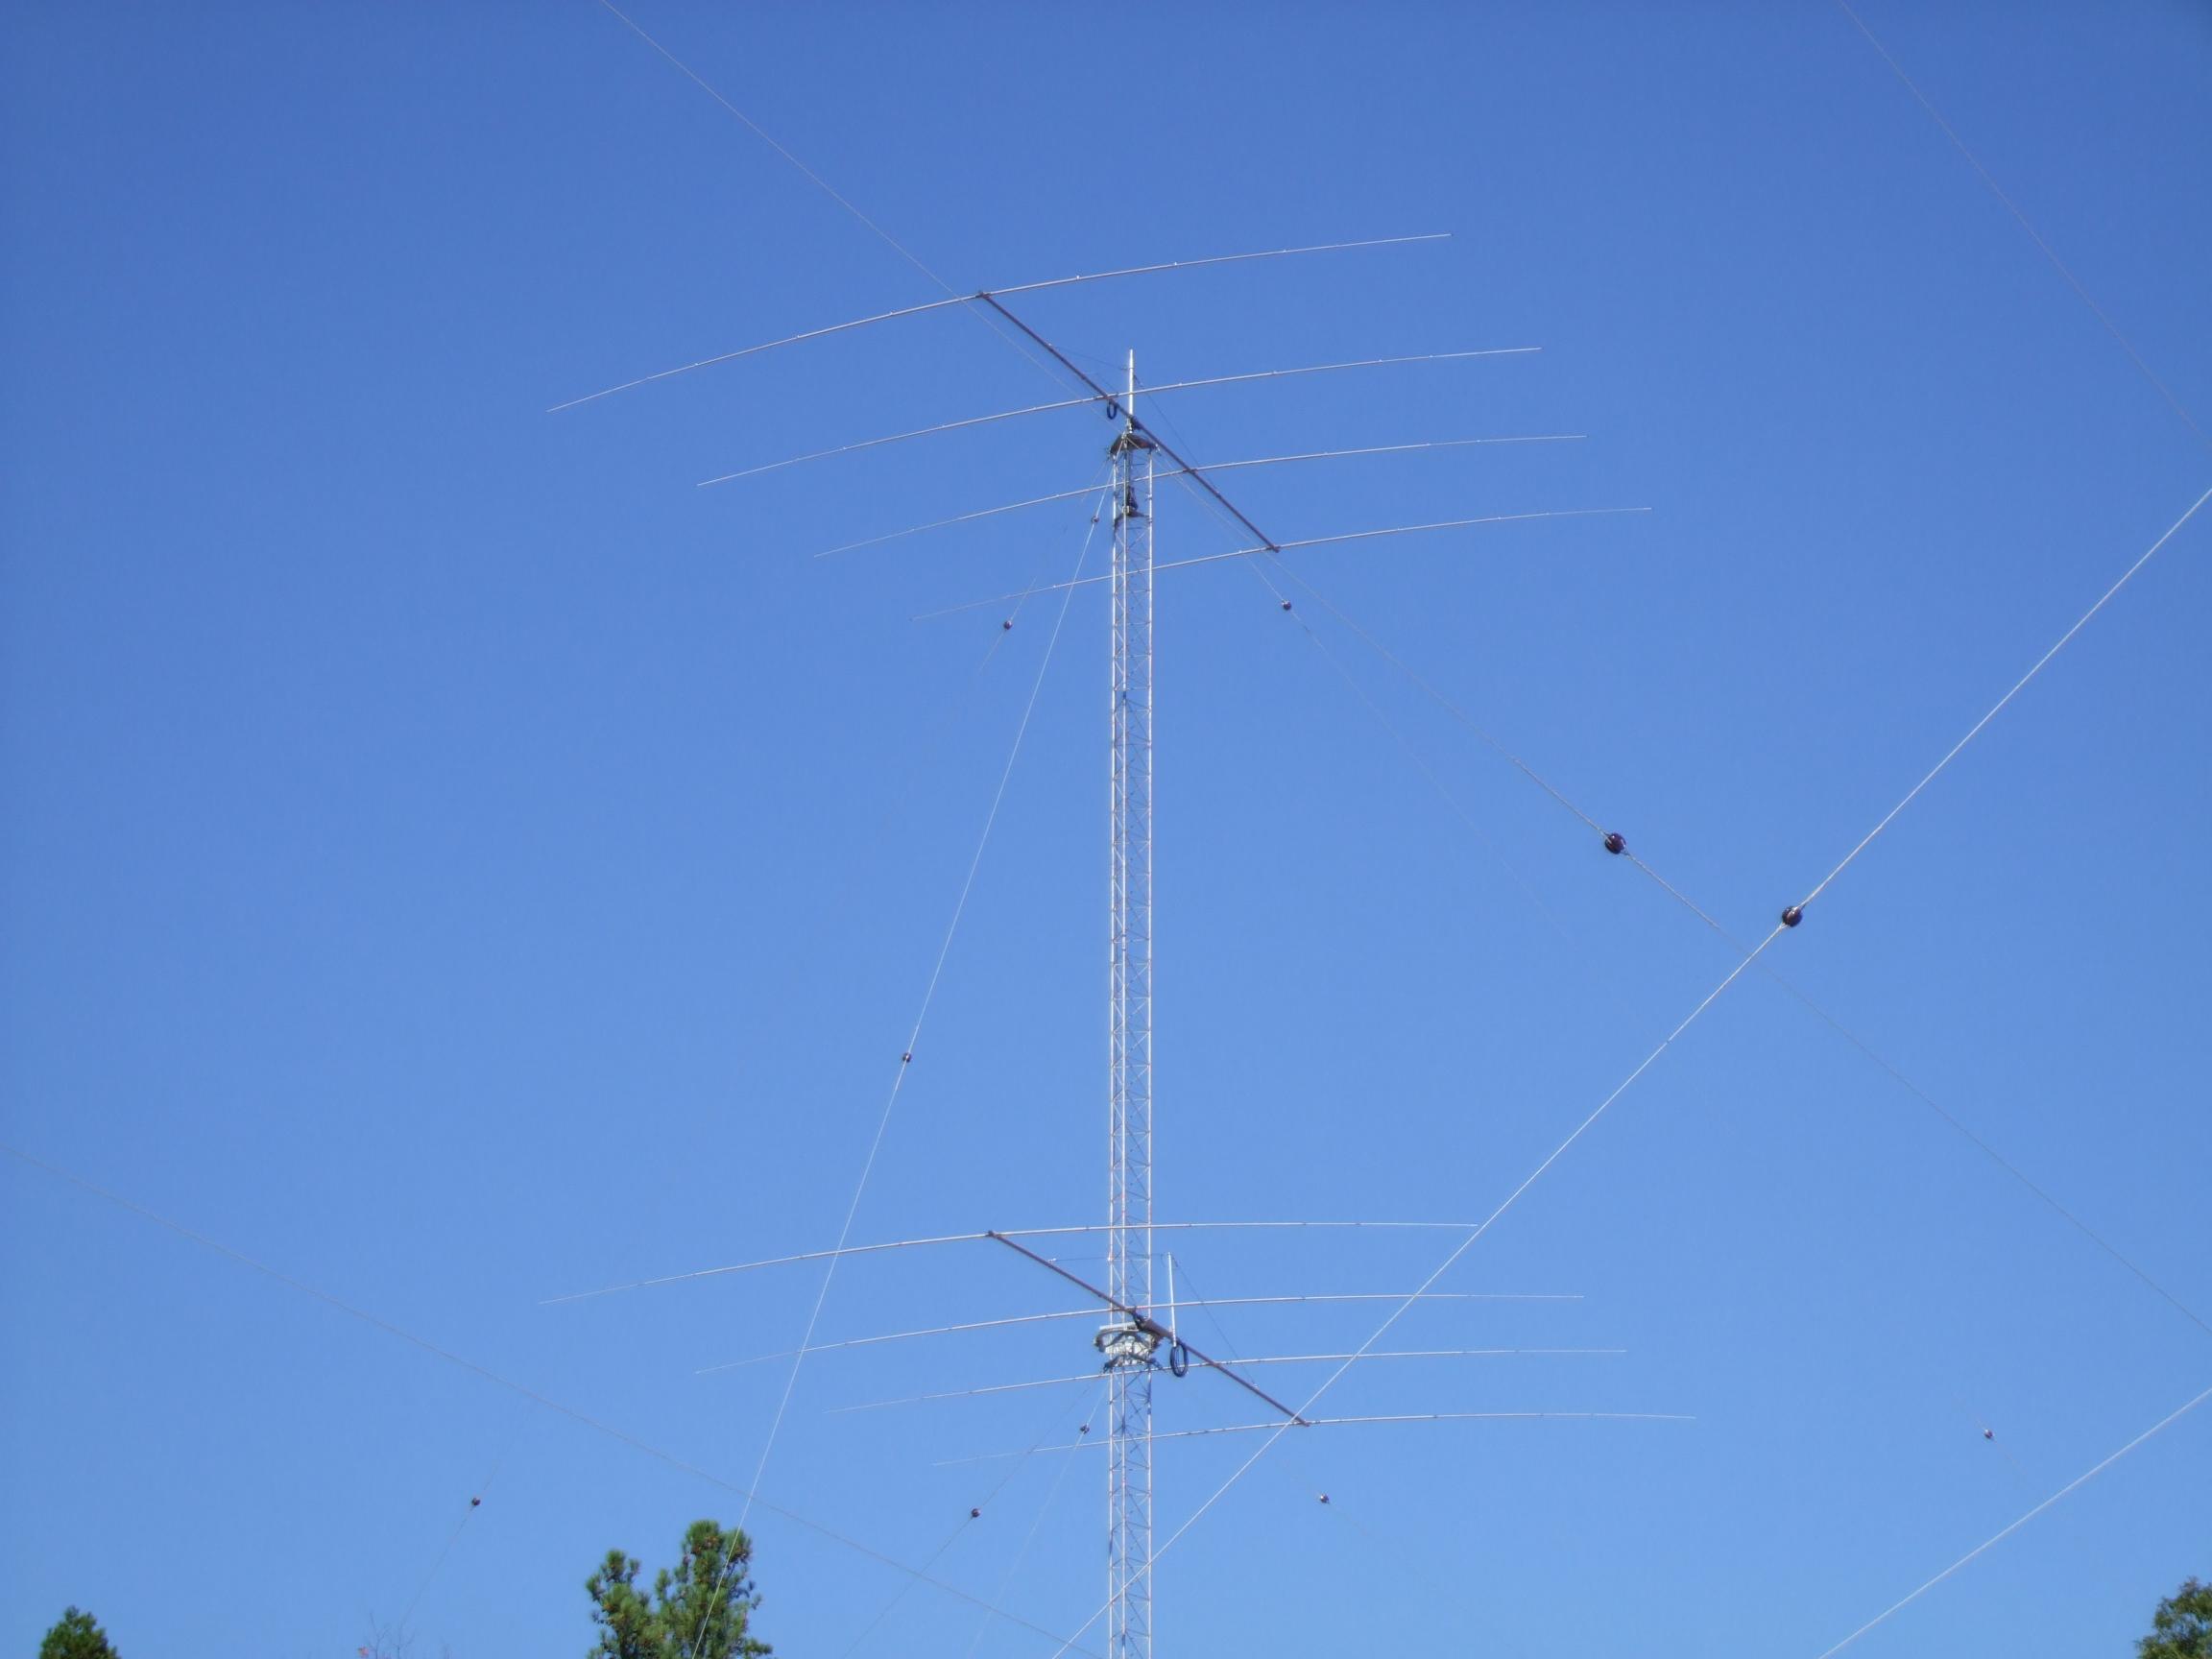 Both Antennas mounted